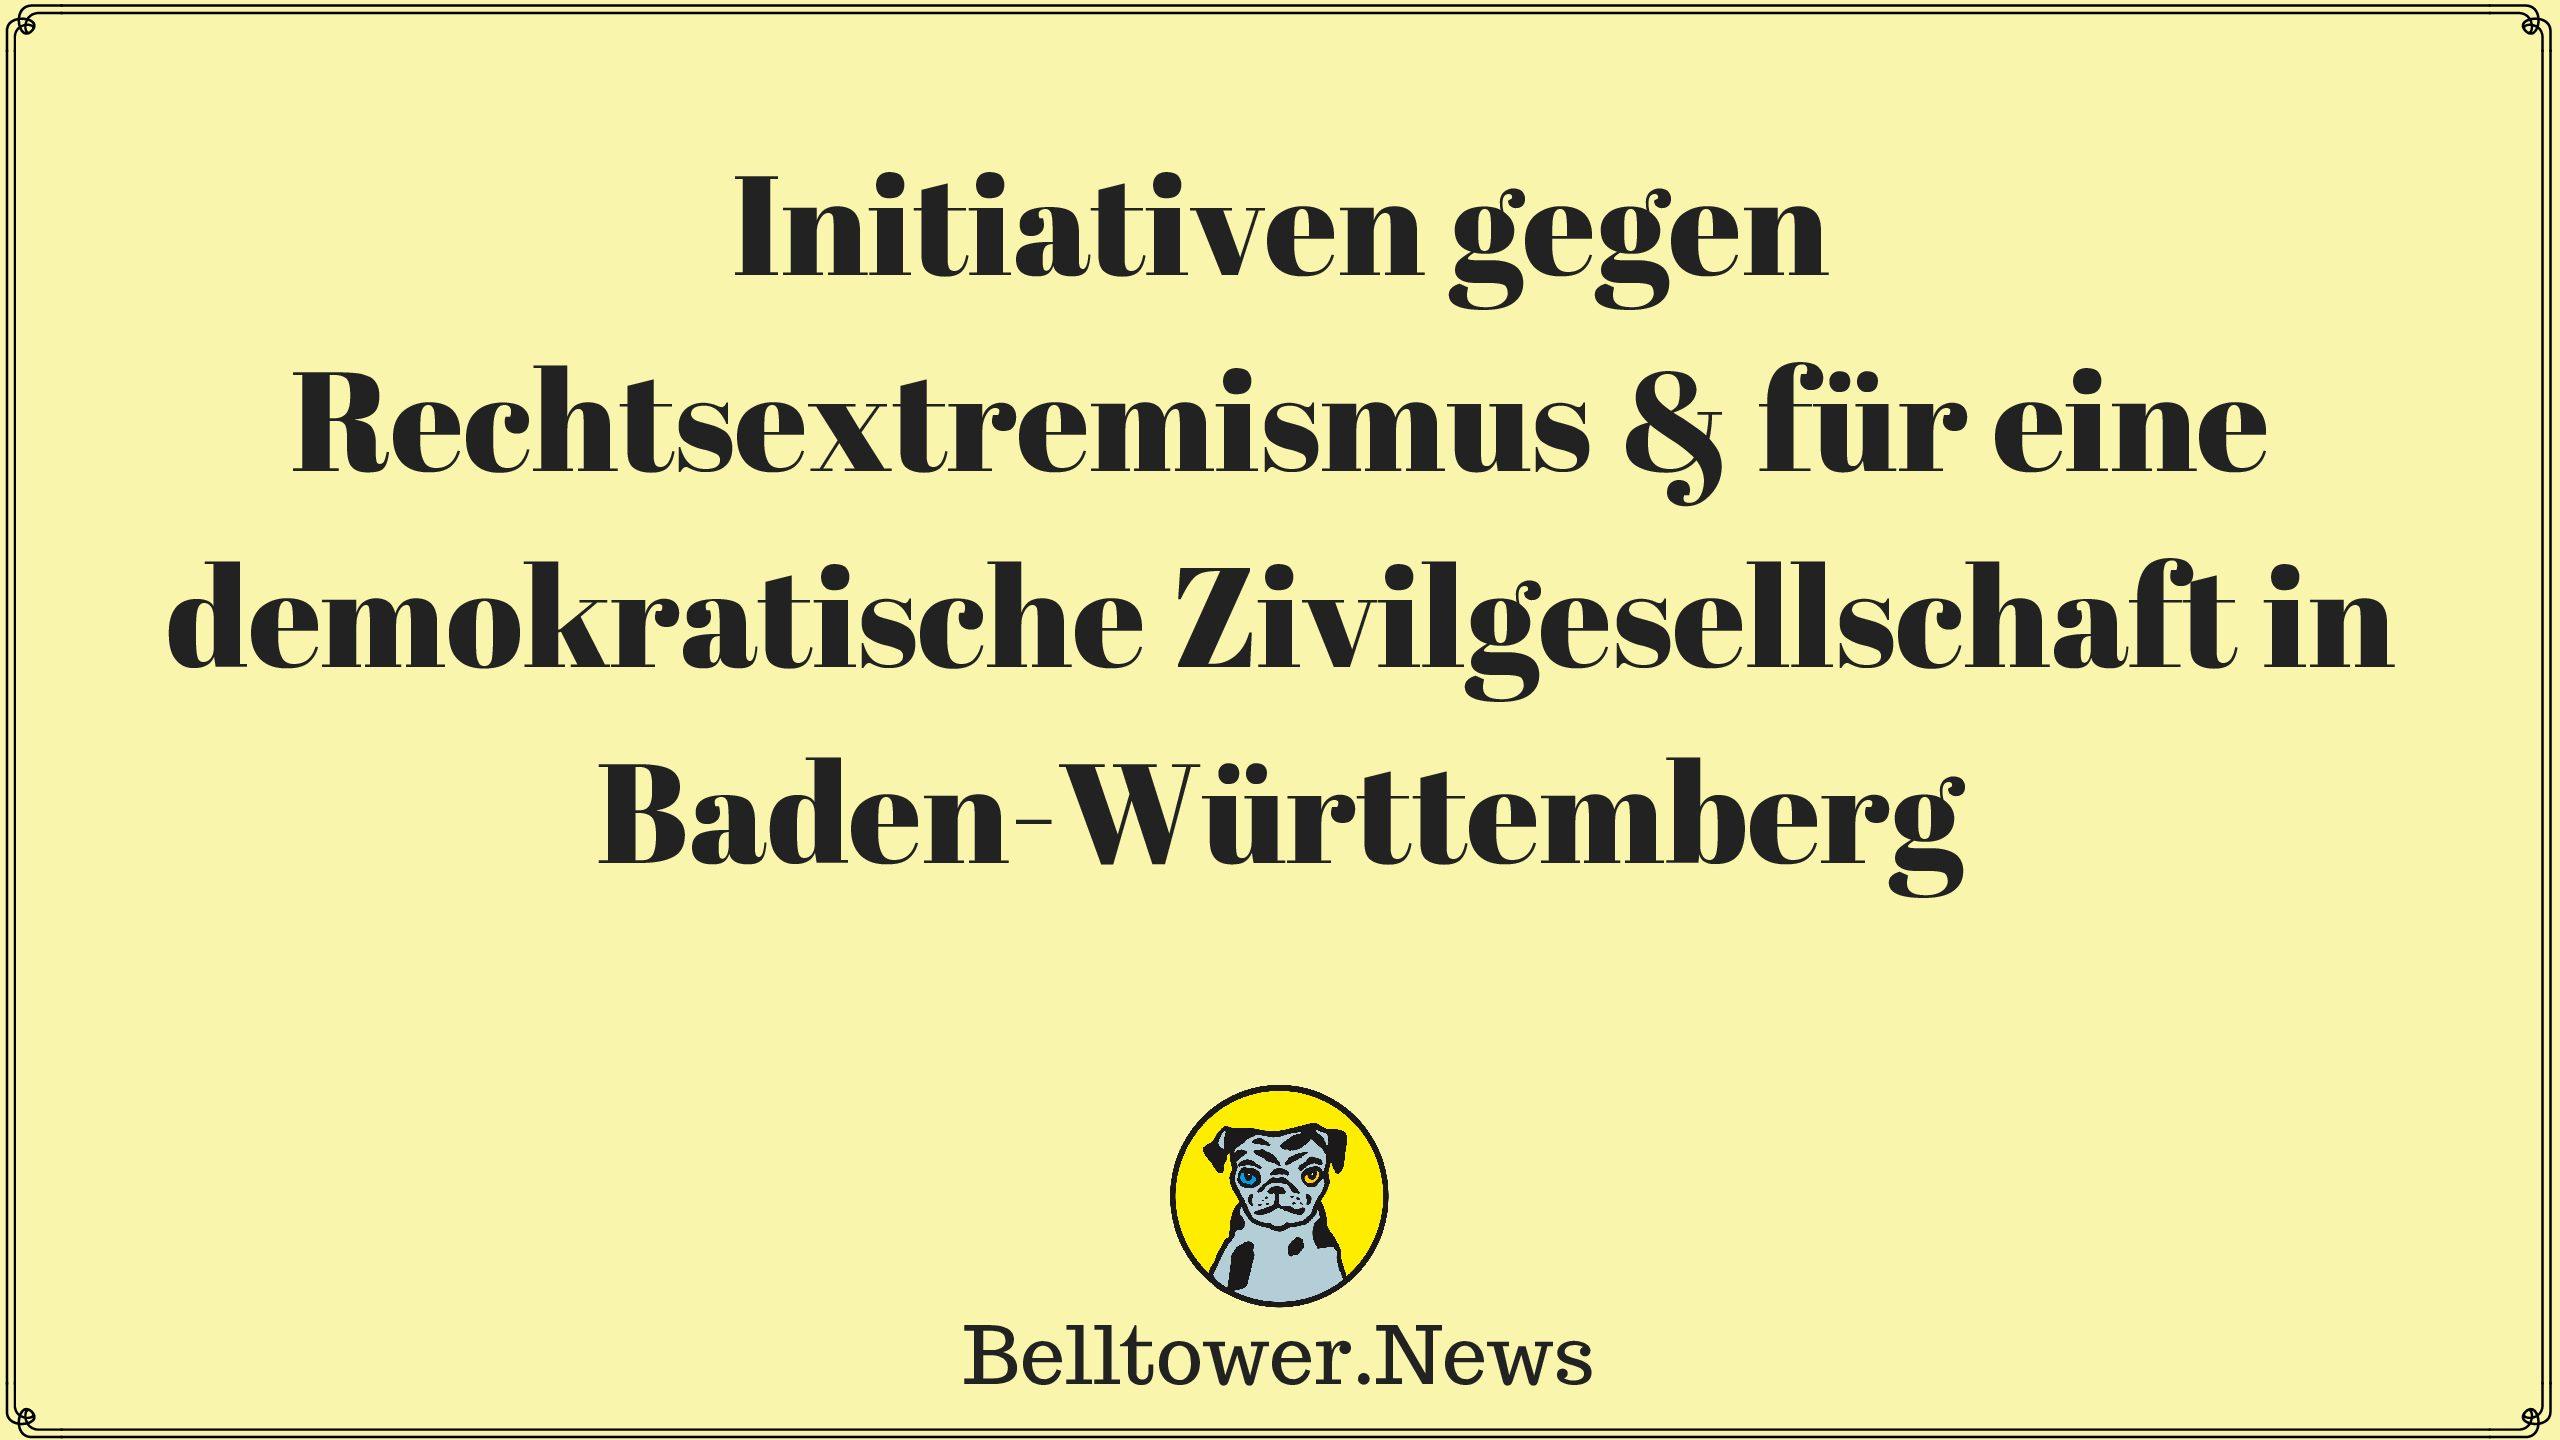 Initiativen gegen Rechtsextremismus & für eine demokratische Zivilgesellschaft in Baden-Württemberg(2)